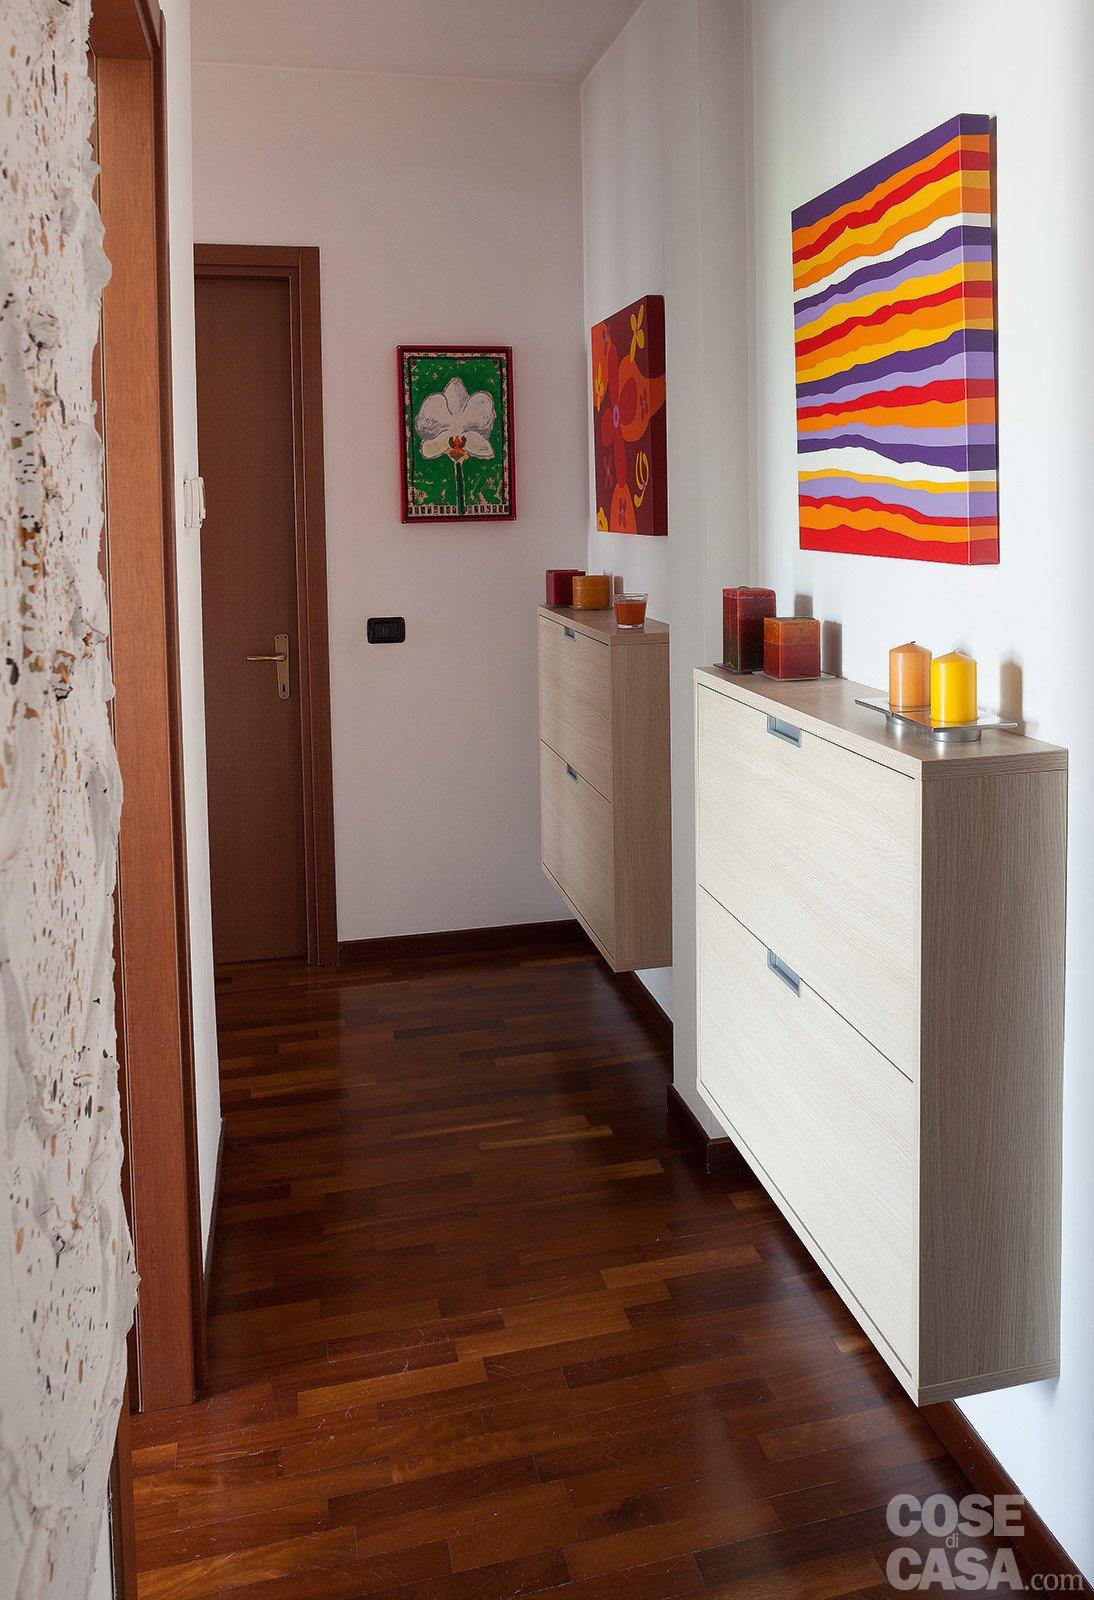 Una casa formato famiglia cose di casa for Idee pittura casa